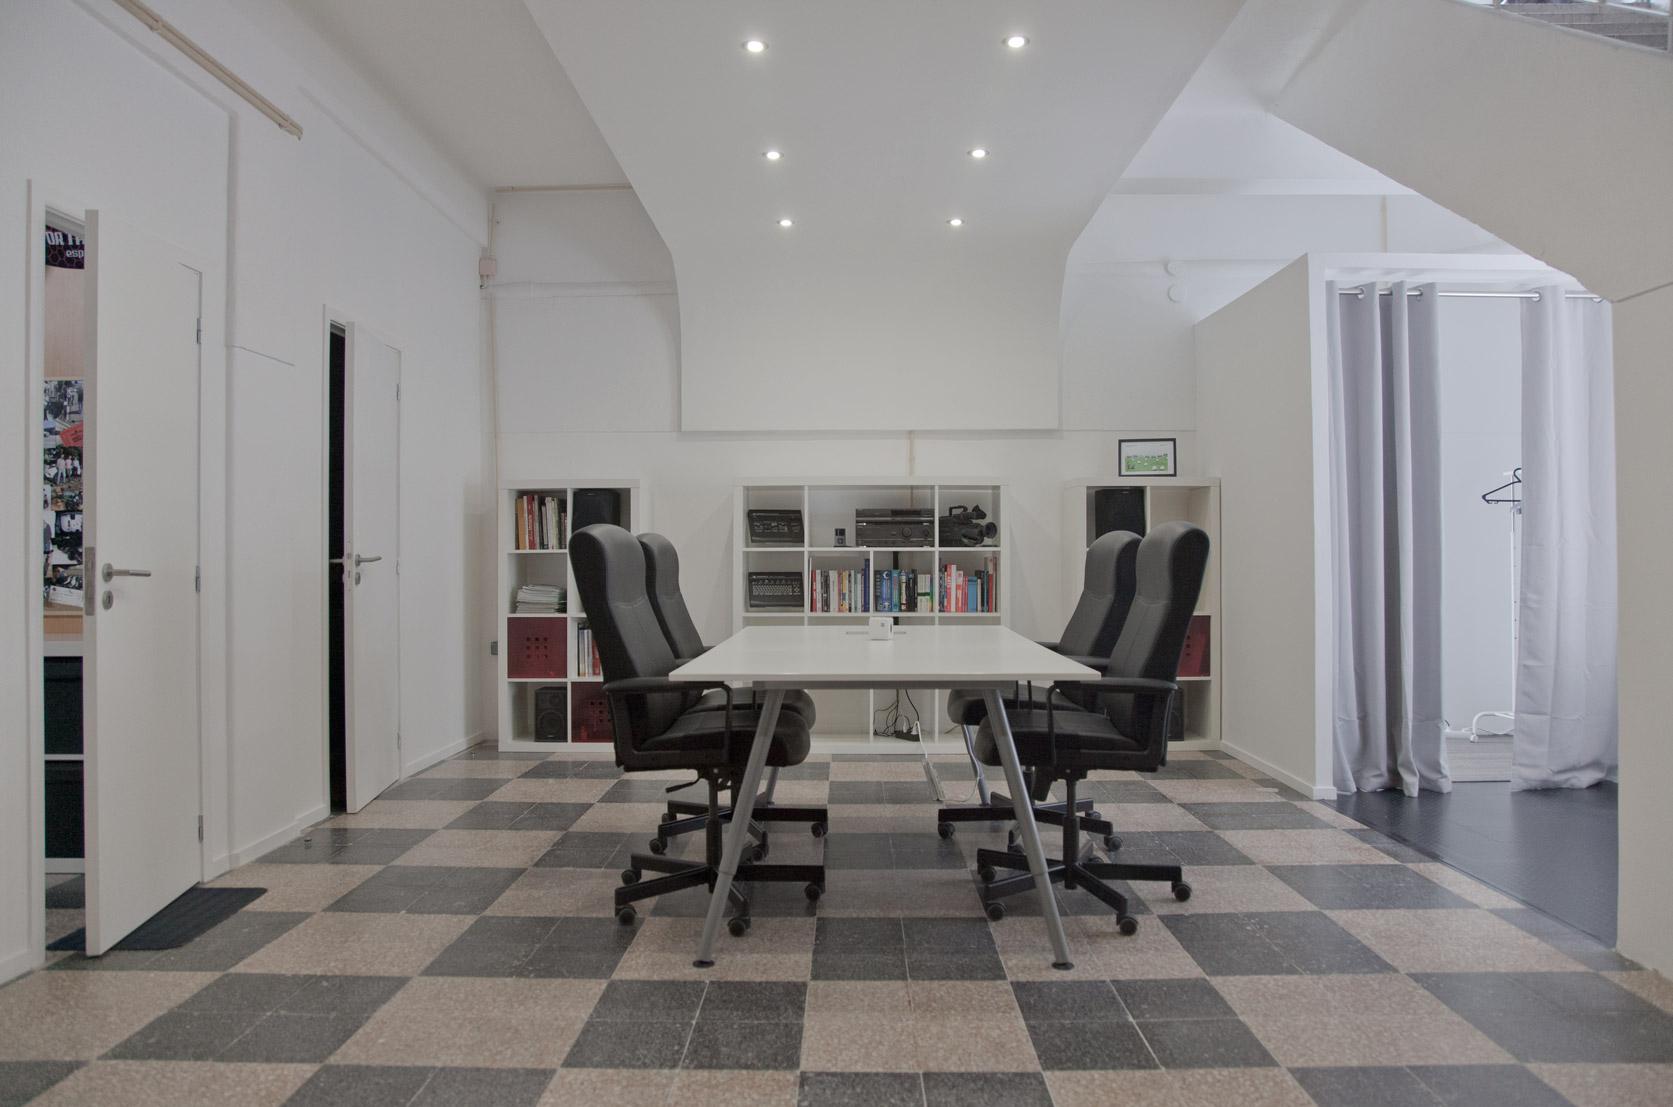 Estúdio McT 2019 - Área de Trabalho